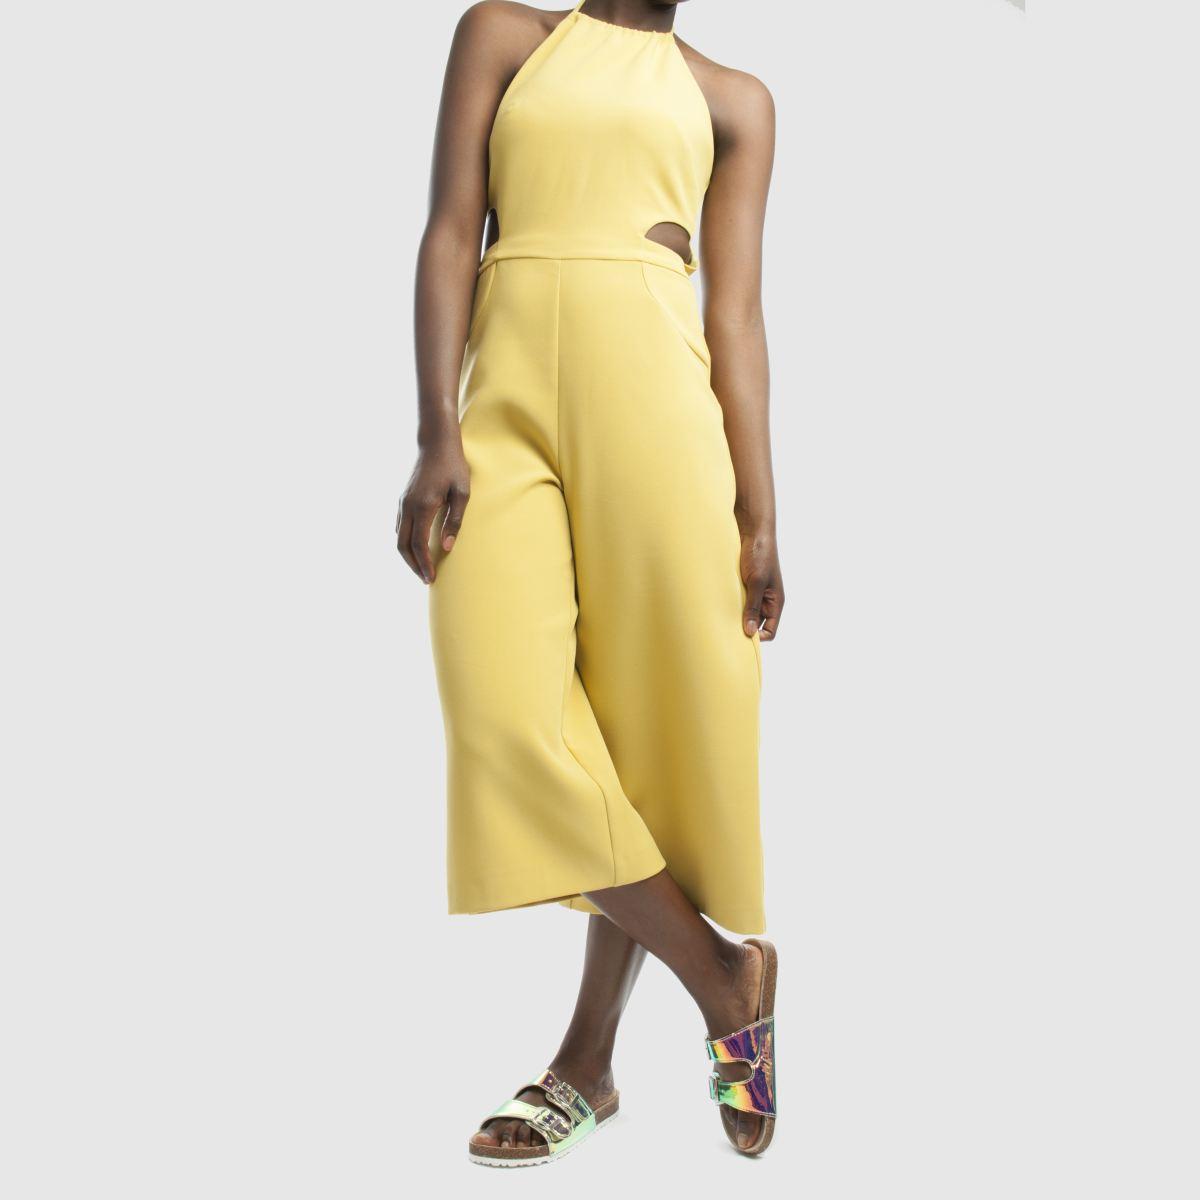 Damen Gold schuh Hawaii Sandalen   schuh Gute Qualität beliebte Schuhe